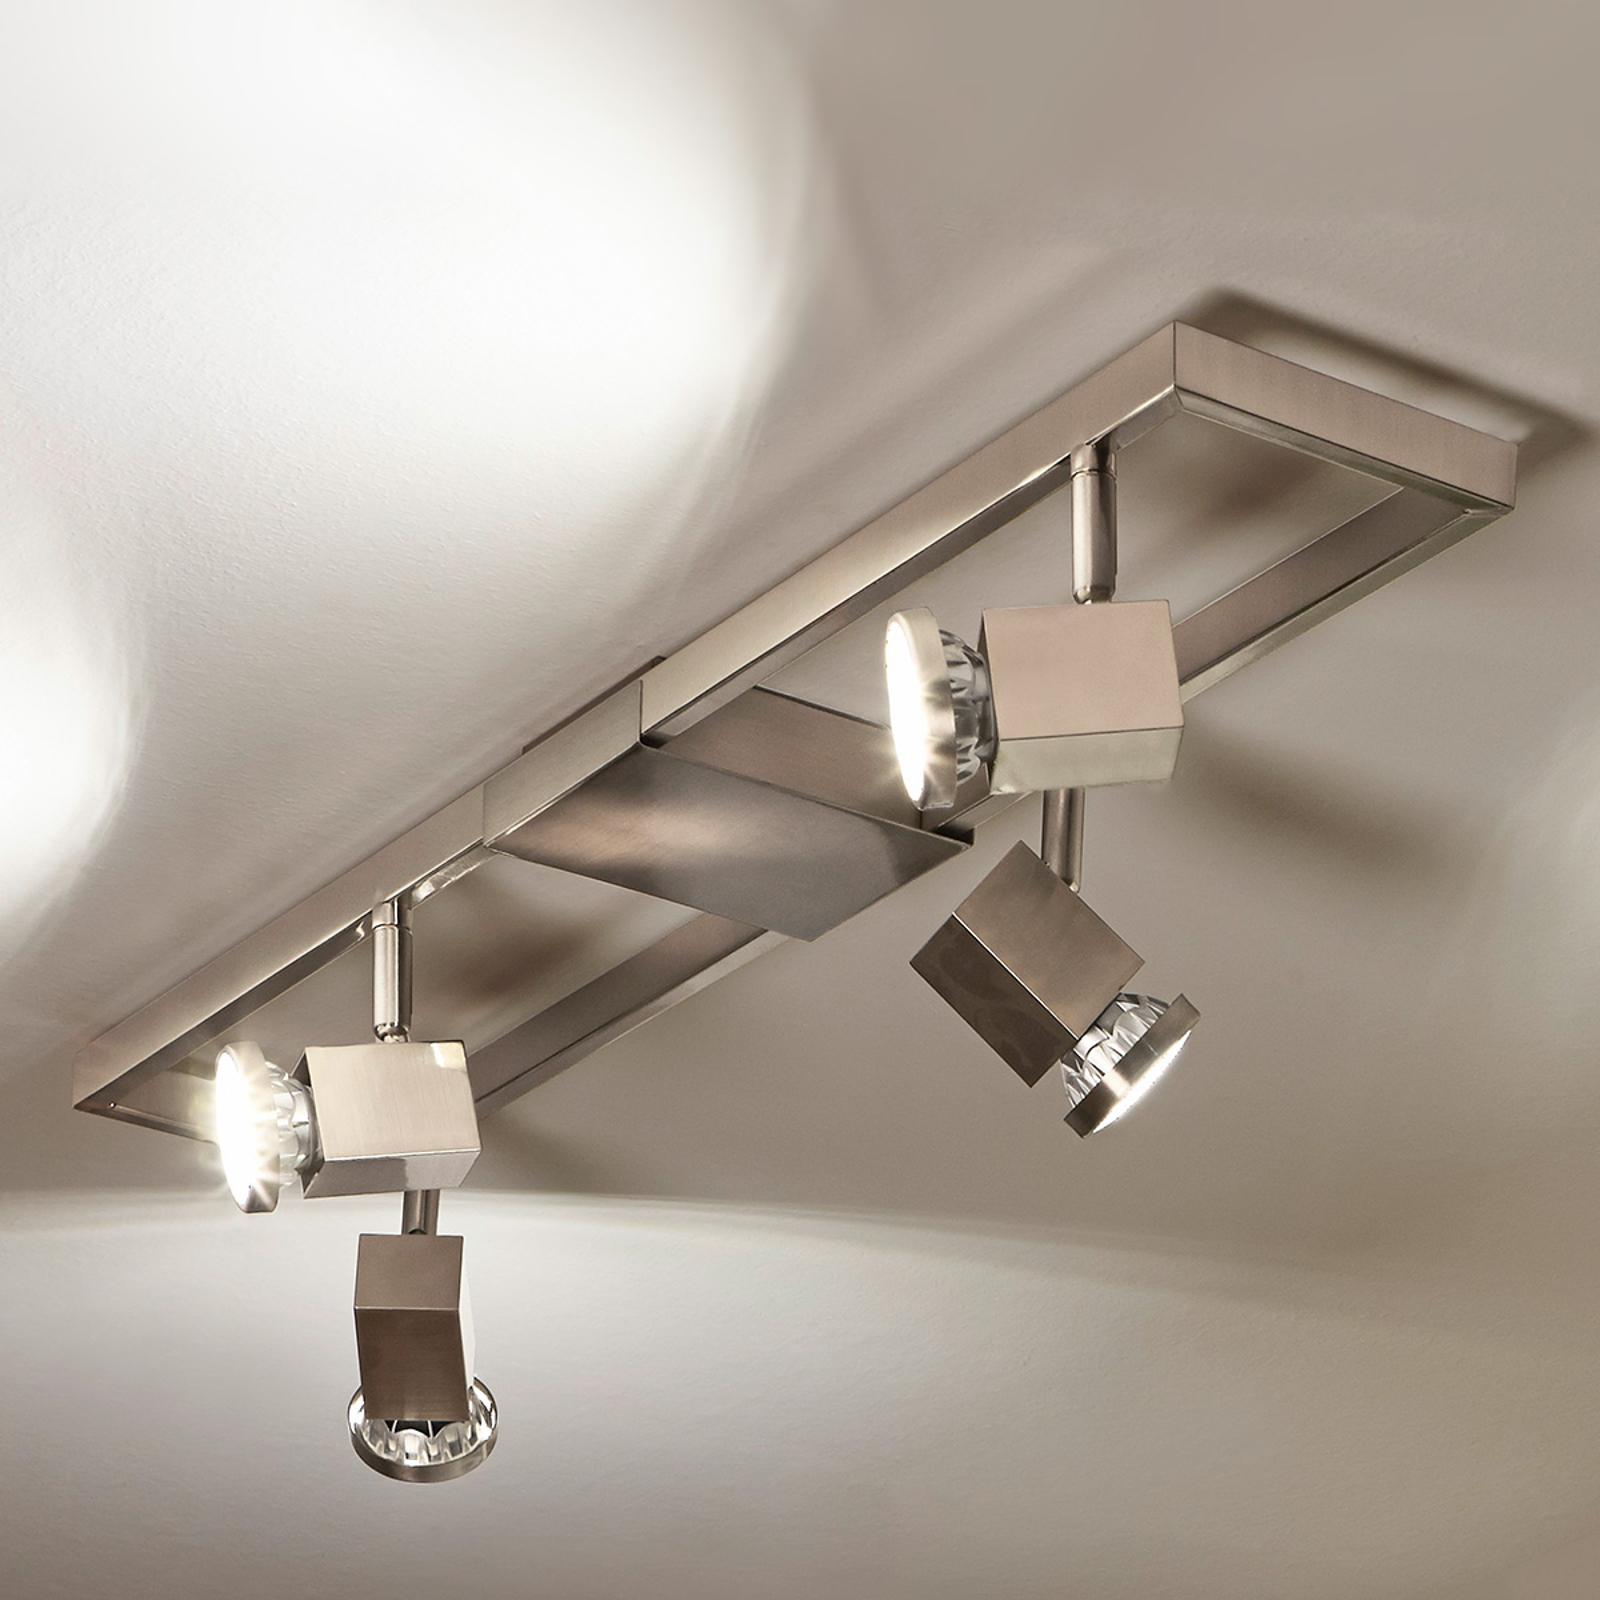 Faretto LED per soffitto Zeraco a quattro luci